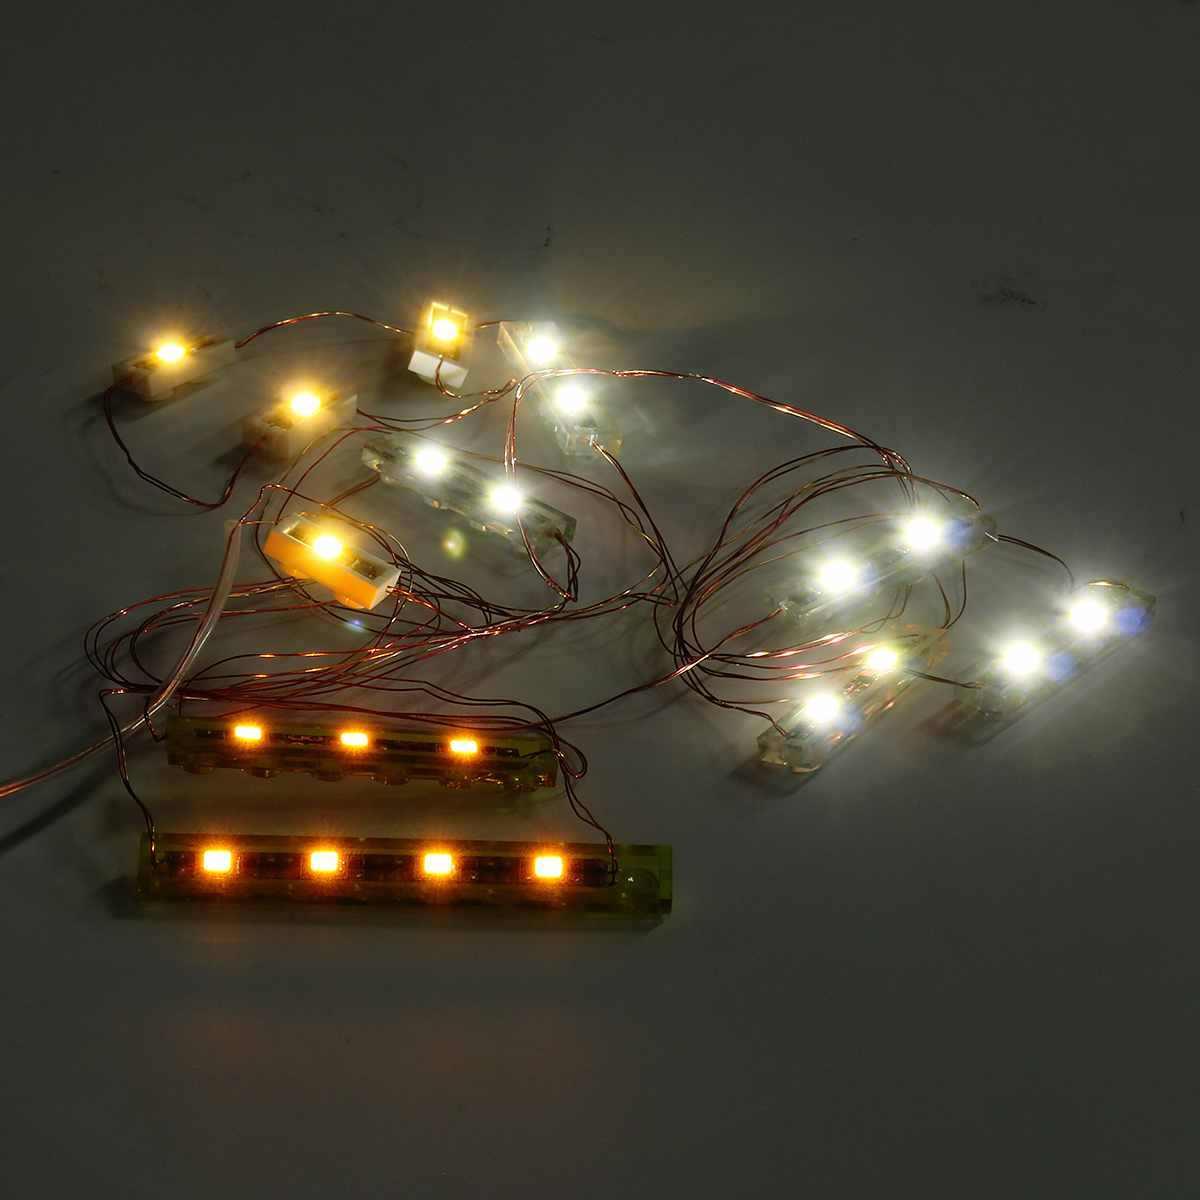 Zestaw oświetlenia LED do Lego dla 10255 do montażu plac miasta Building Block zestaw oświetlenia (tylko światło w zestawie)